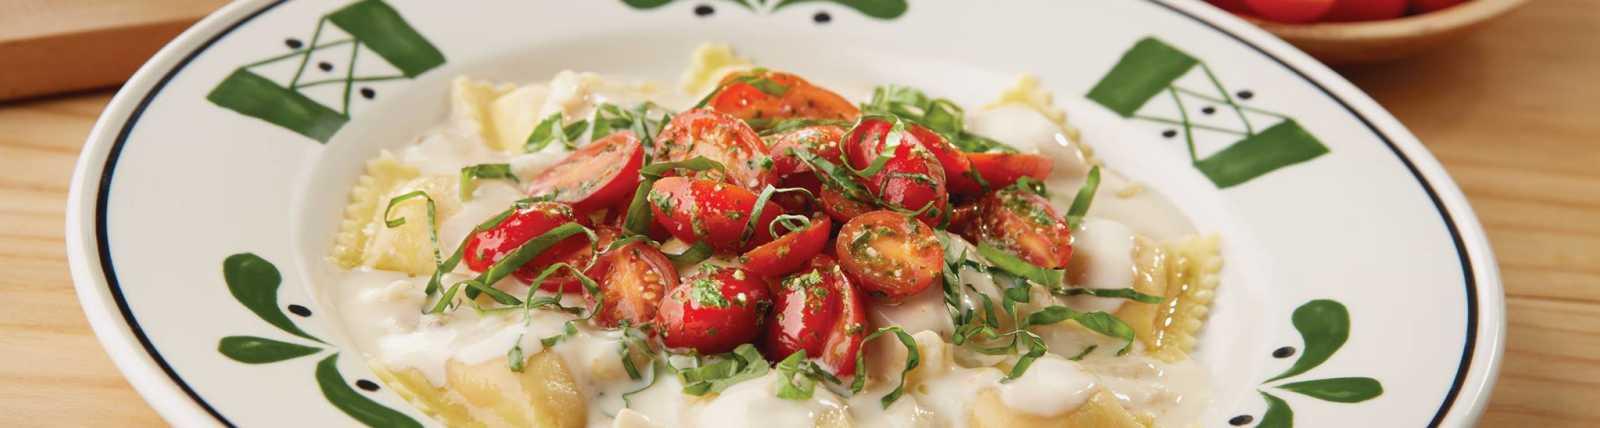 Olive_Garden_Italian_Restaurant-18.jpg